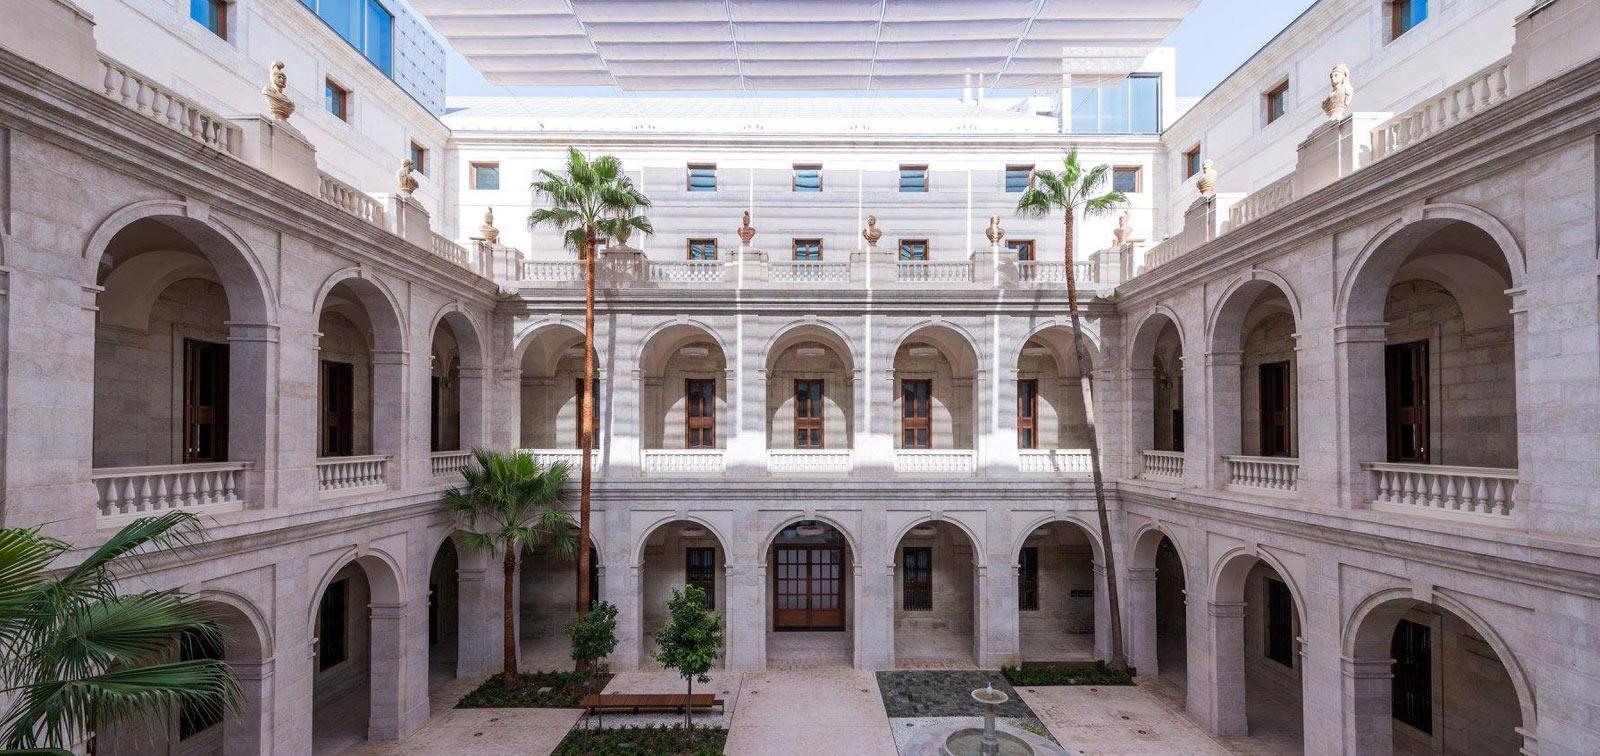 Programación arquitectónica para museos: de la planificación a la ejecución